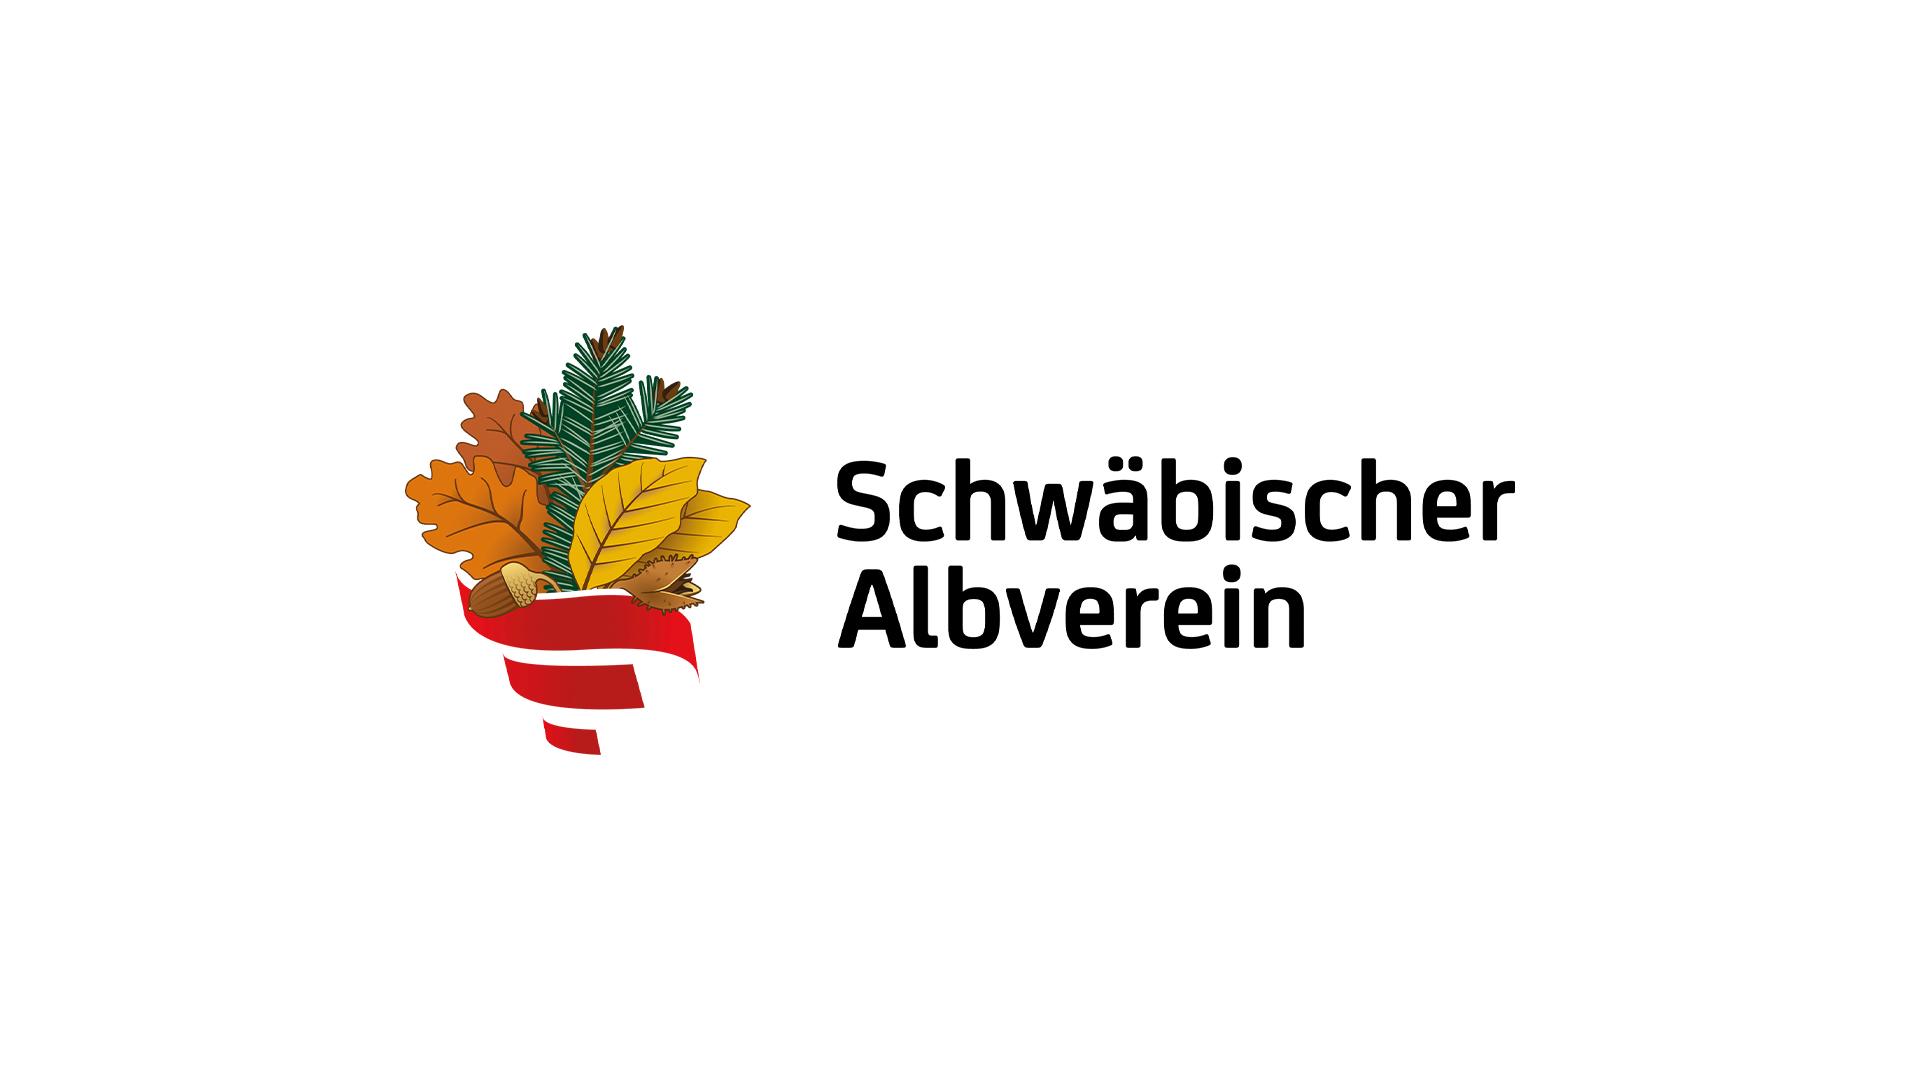 Pfleiderer Projektbau: Sponsoring Schwäbischer Albverein